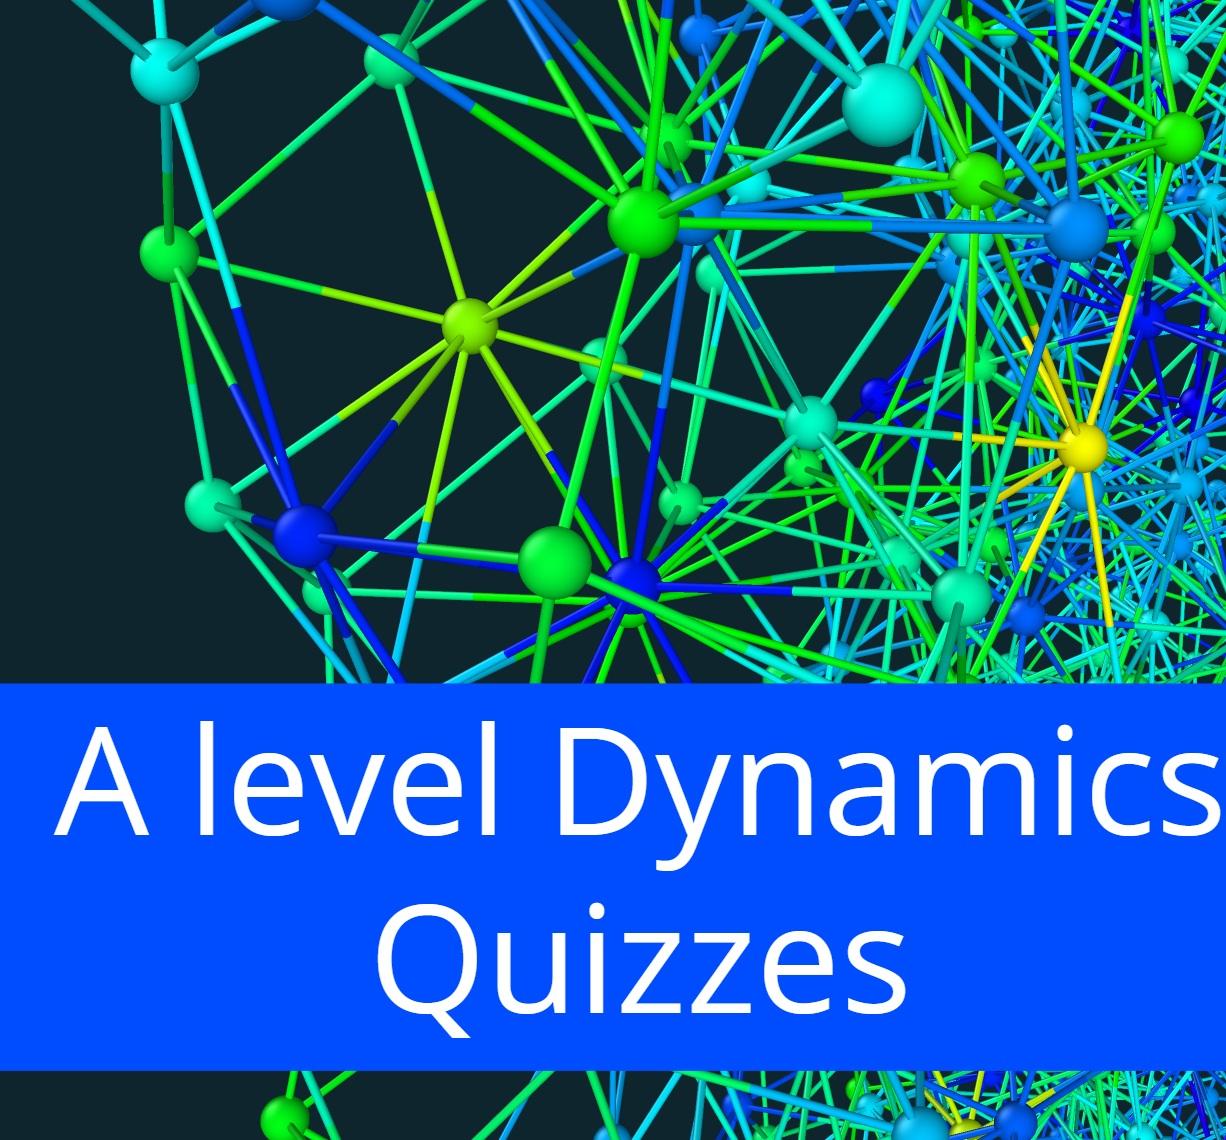 A level Dynamics Quizzes